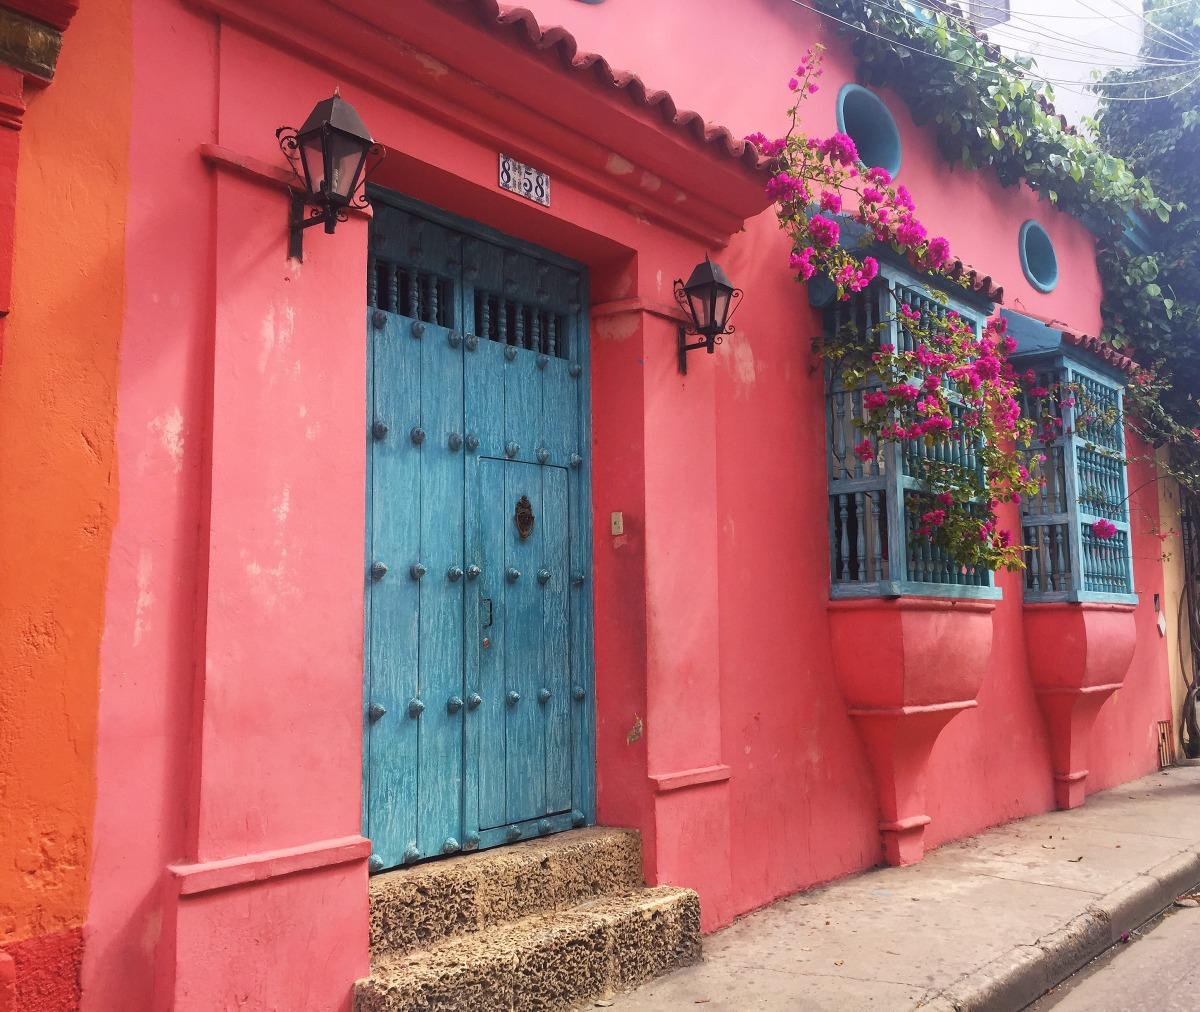 Cartagena buildings